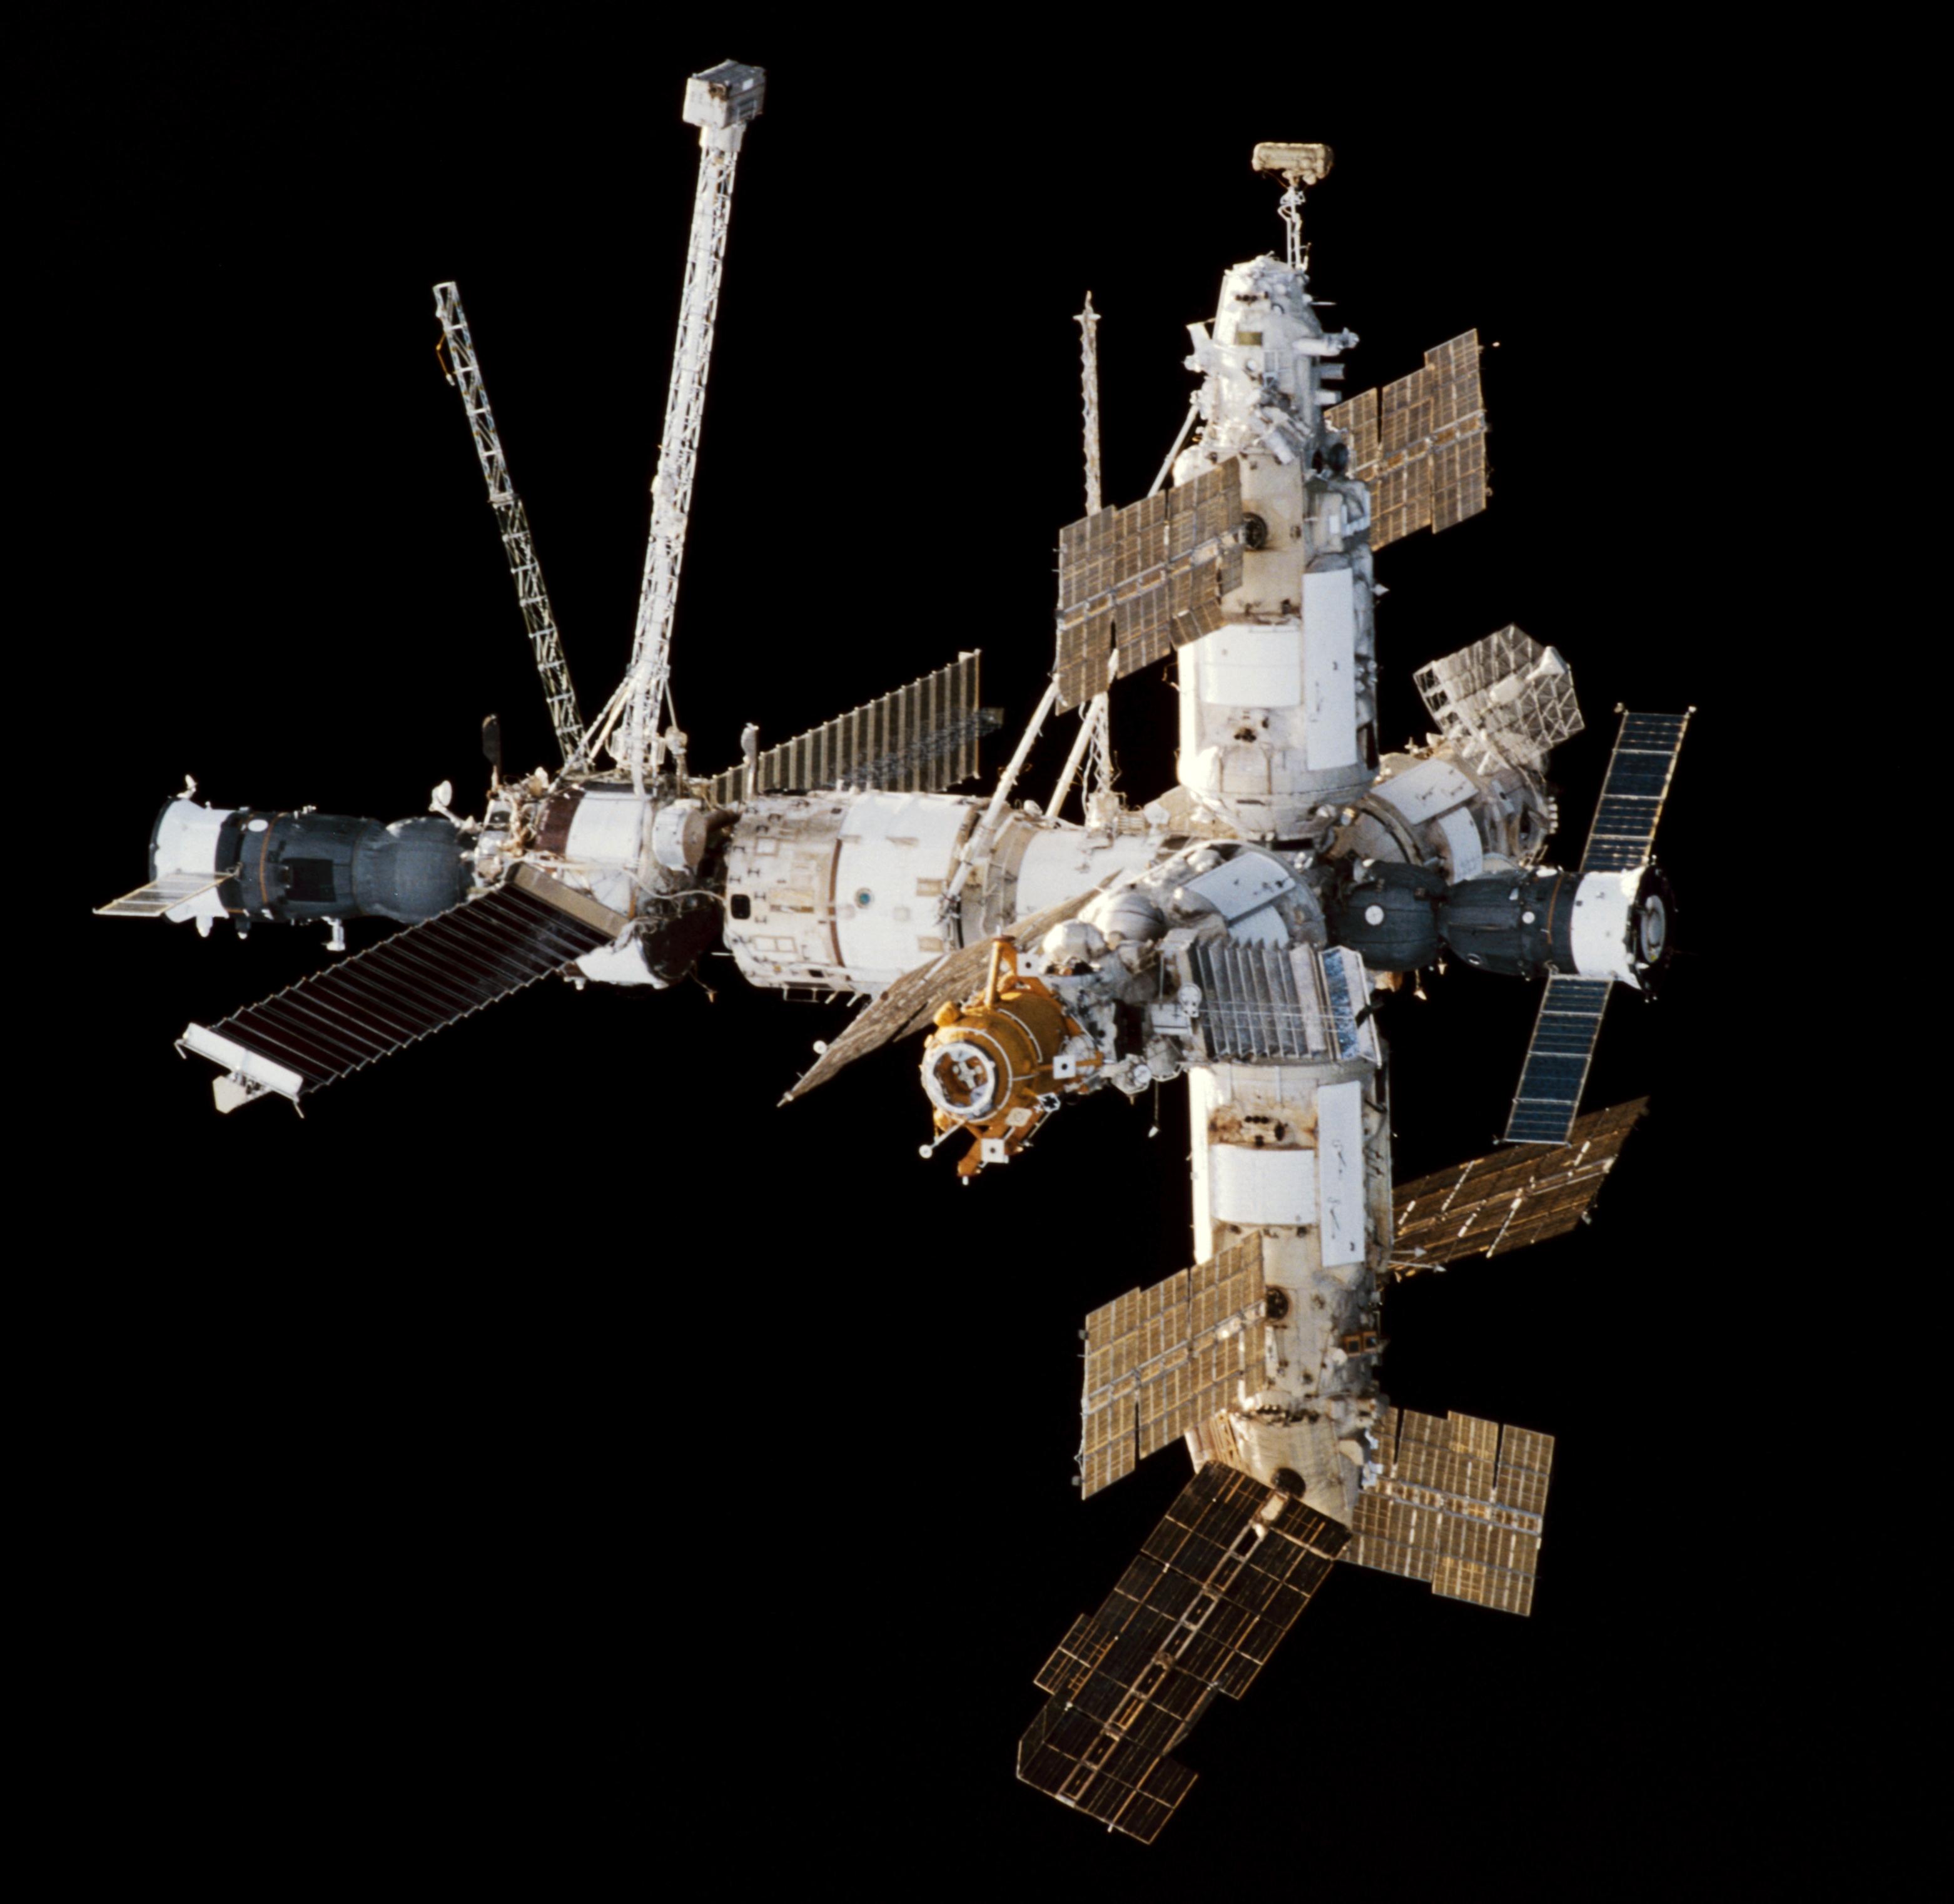 La station Mir est le plus célèbre occupant de ce cimetière spatial, qu'il a rejoint en 2001. (Crédit : NASA, photo prise le 9 février 1998 depuis par navette spatiale Endeavour)